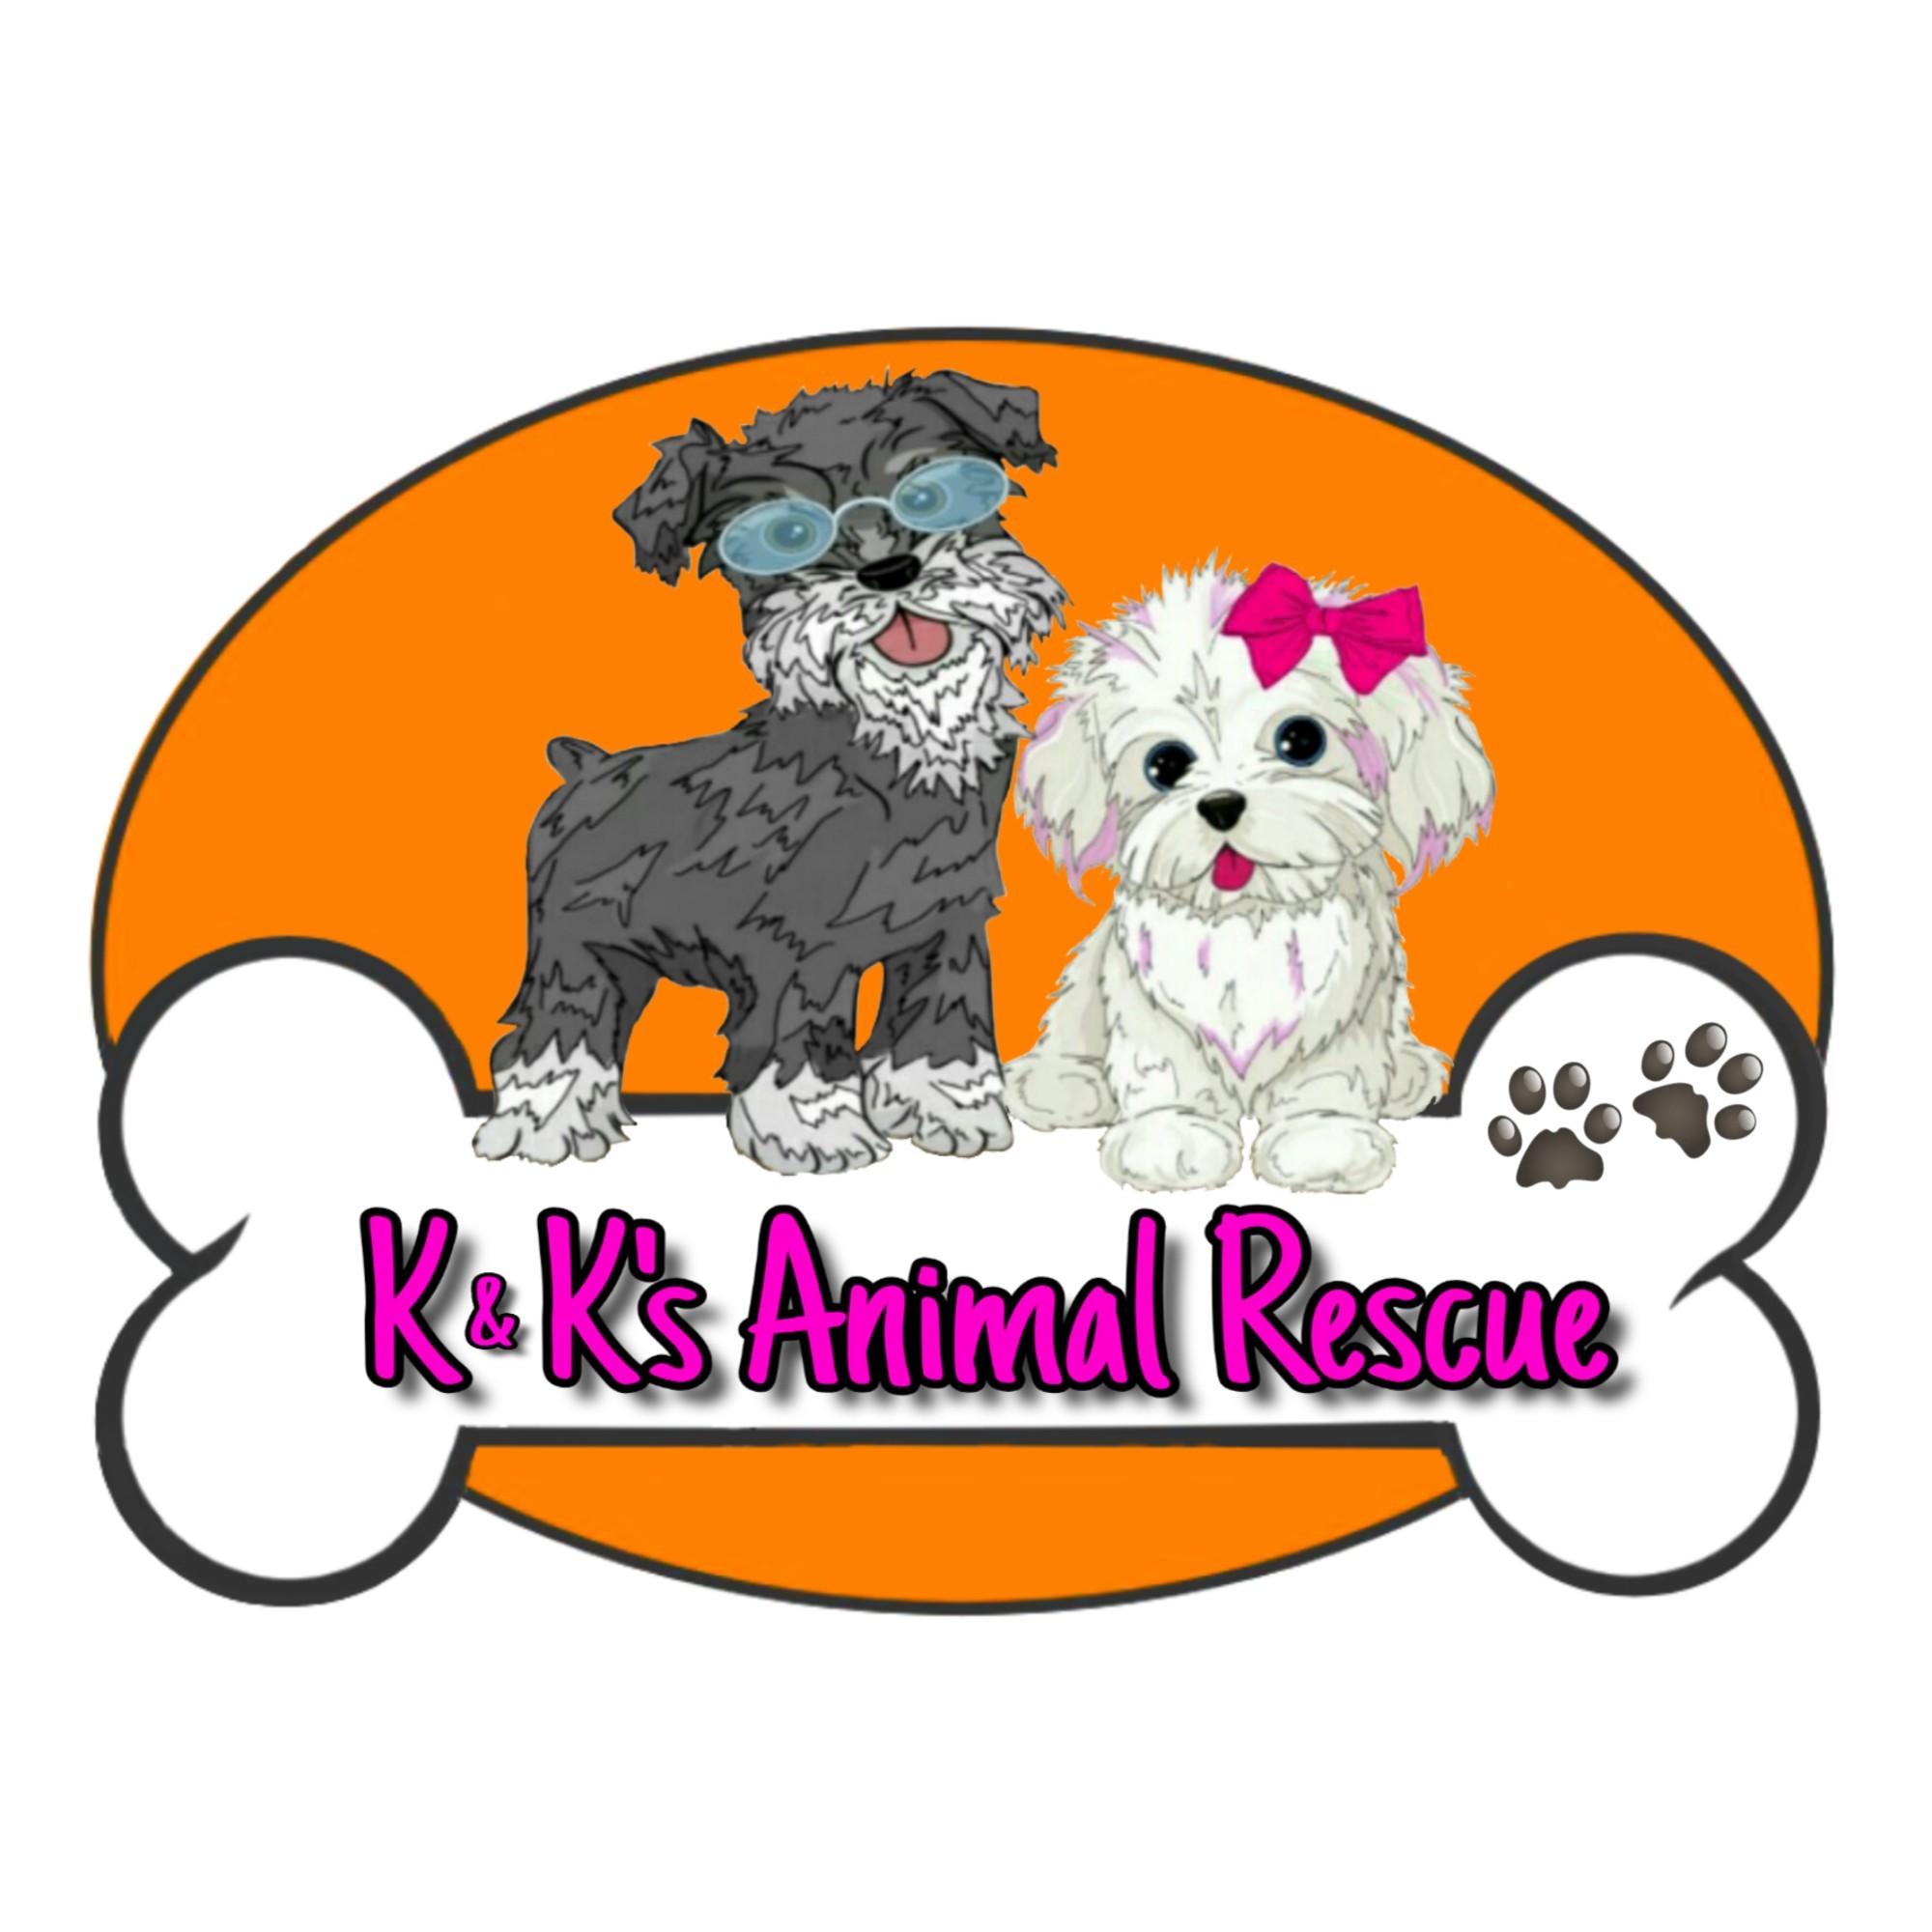 K&K's Animal Rescue